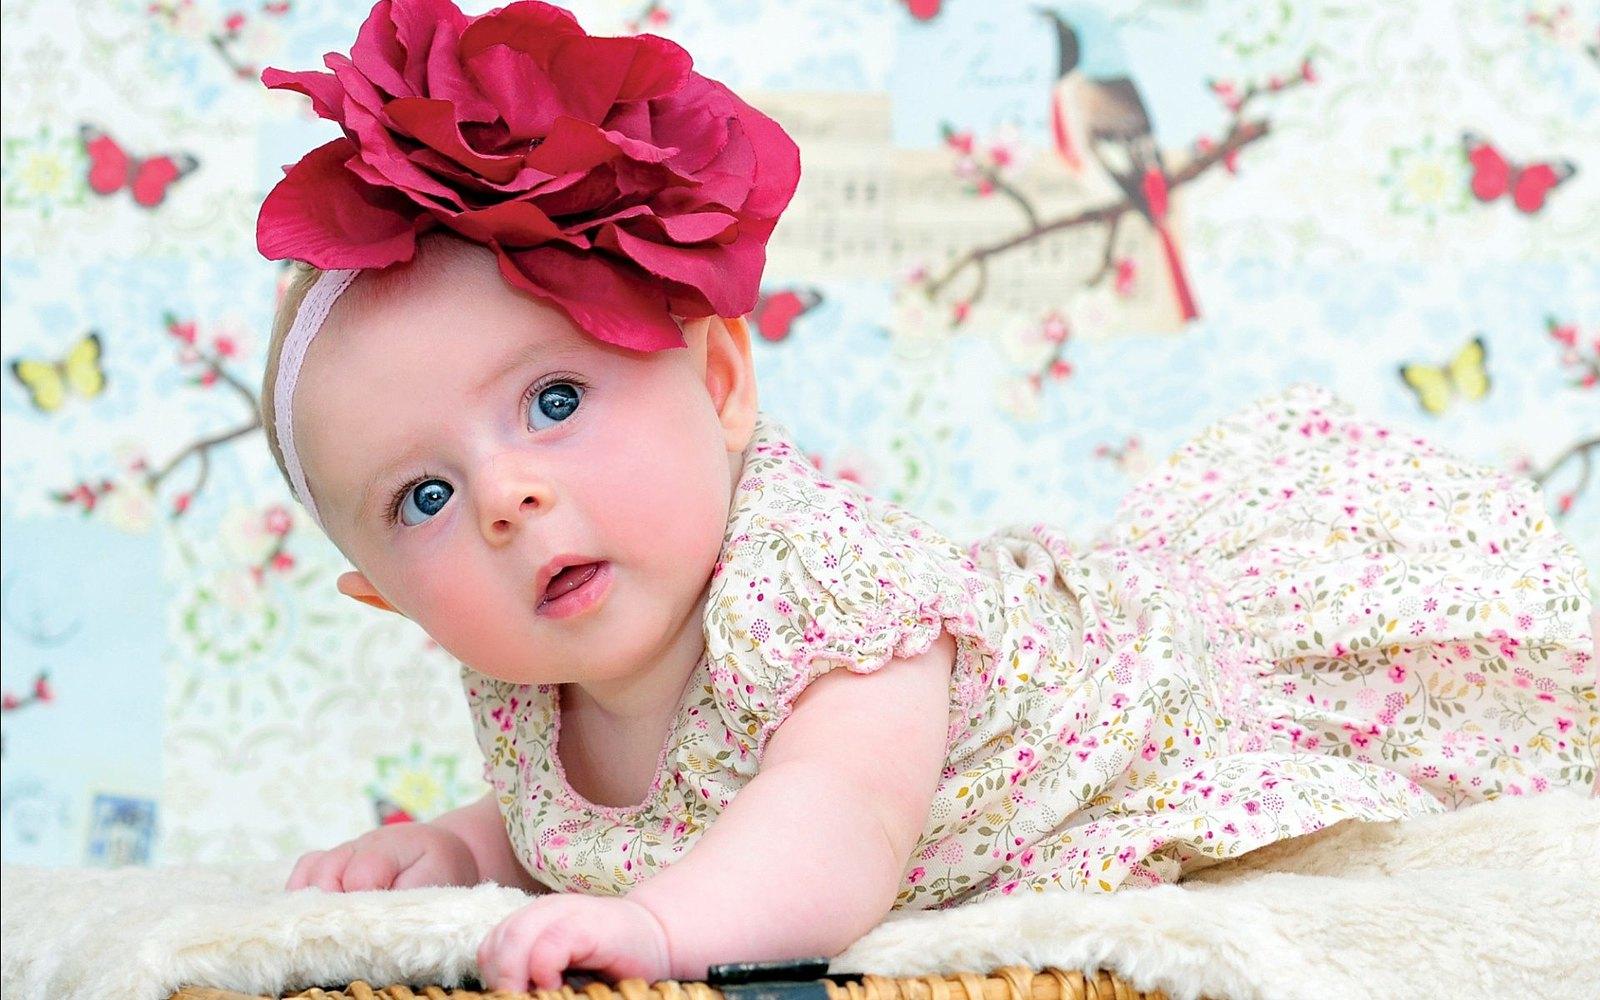 image of baby girl